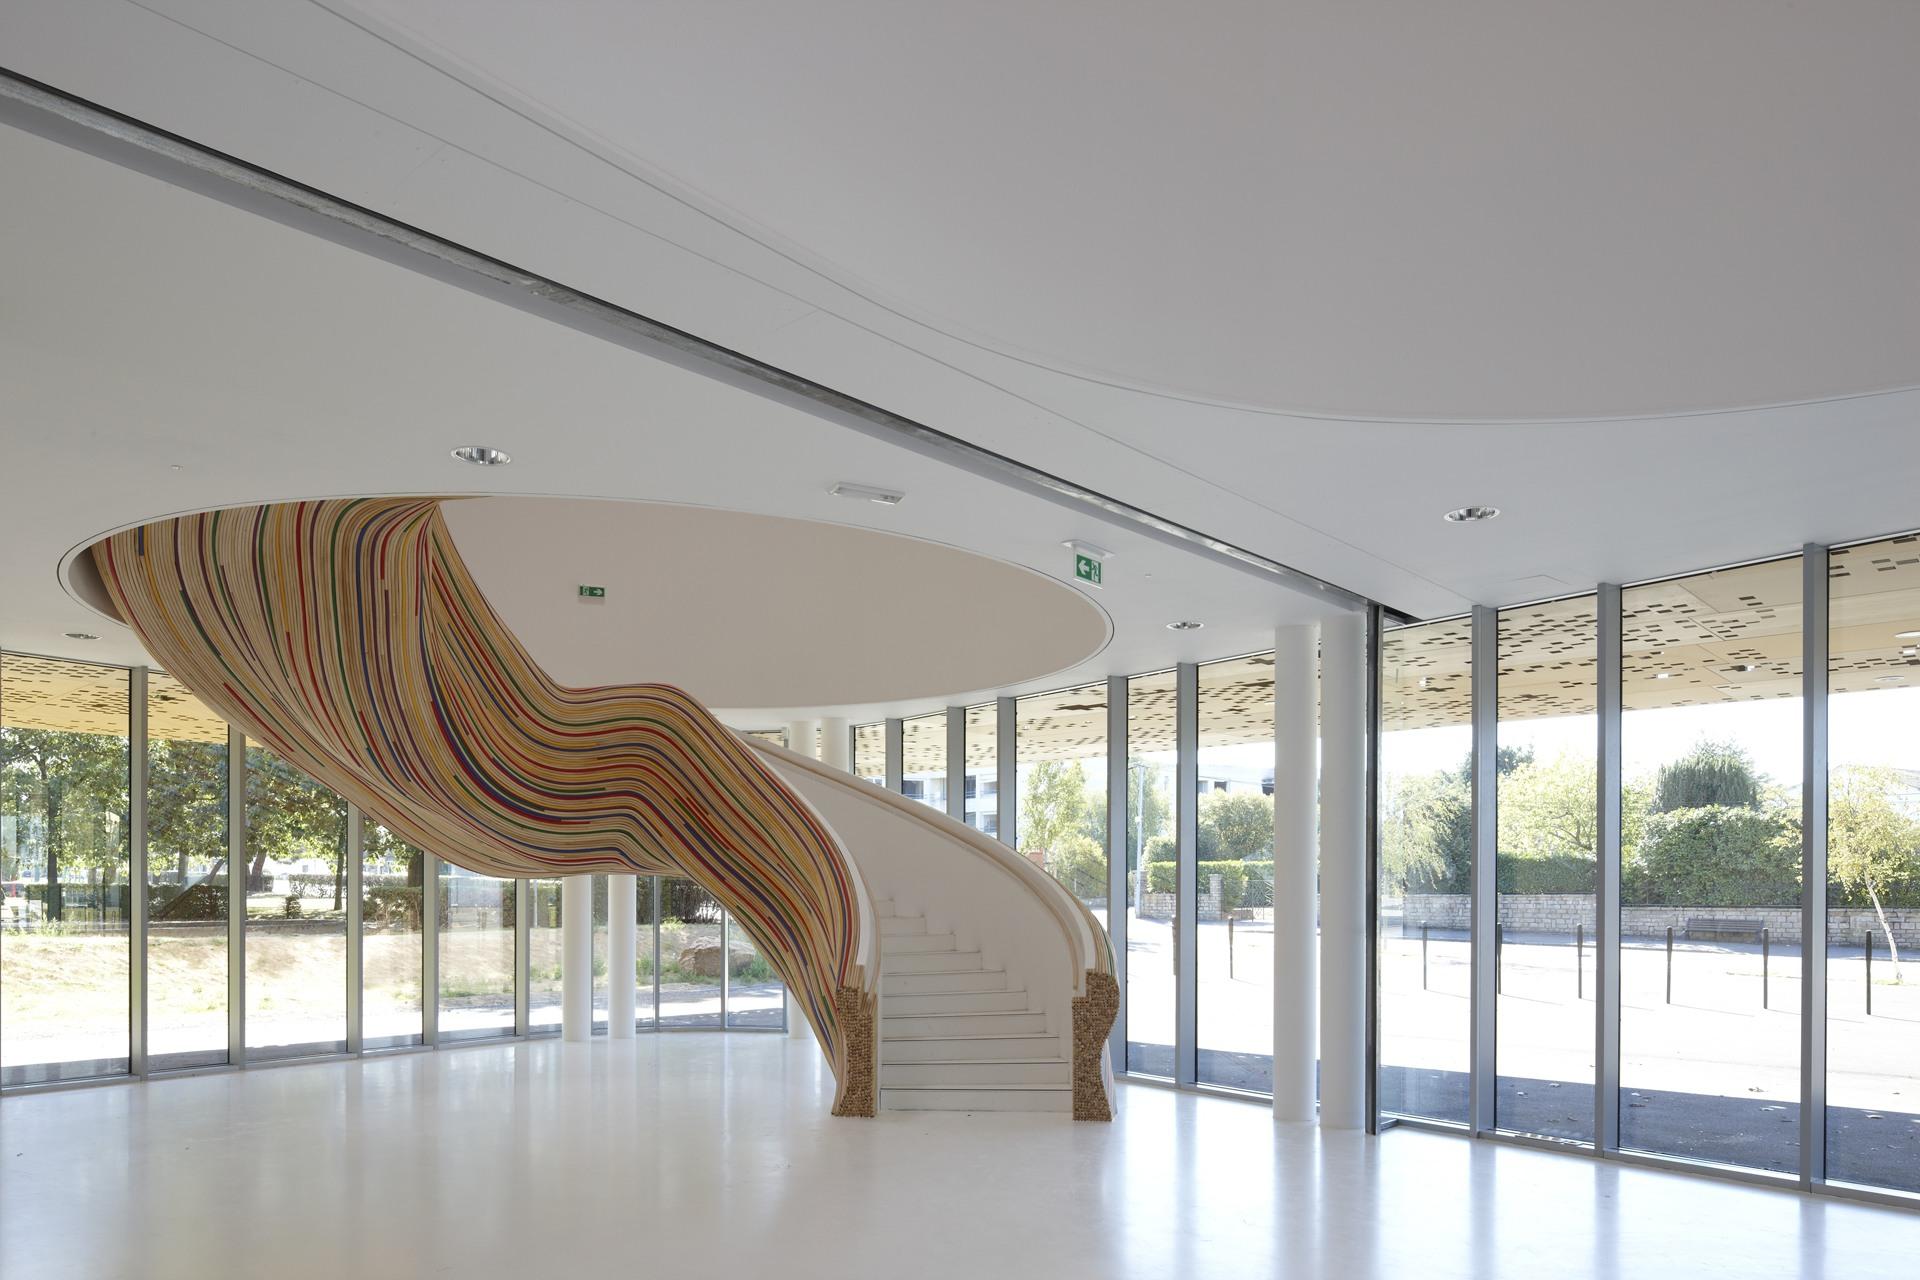 Las escaleras mas hermosas y creativas del mundo for Formas de escaleras de concreto